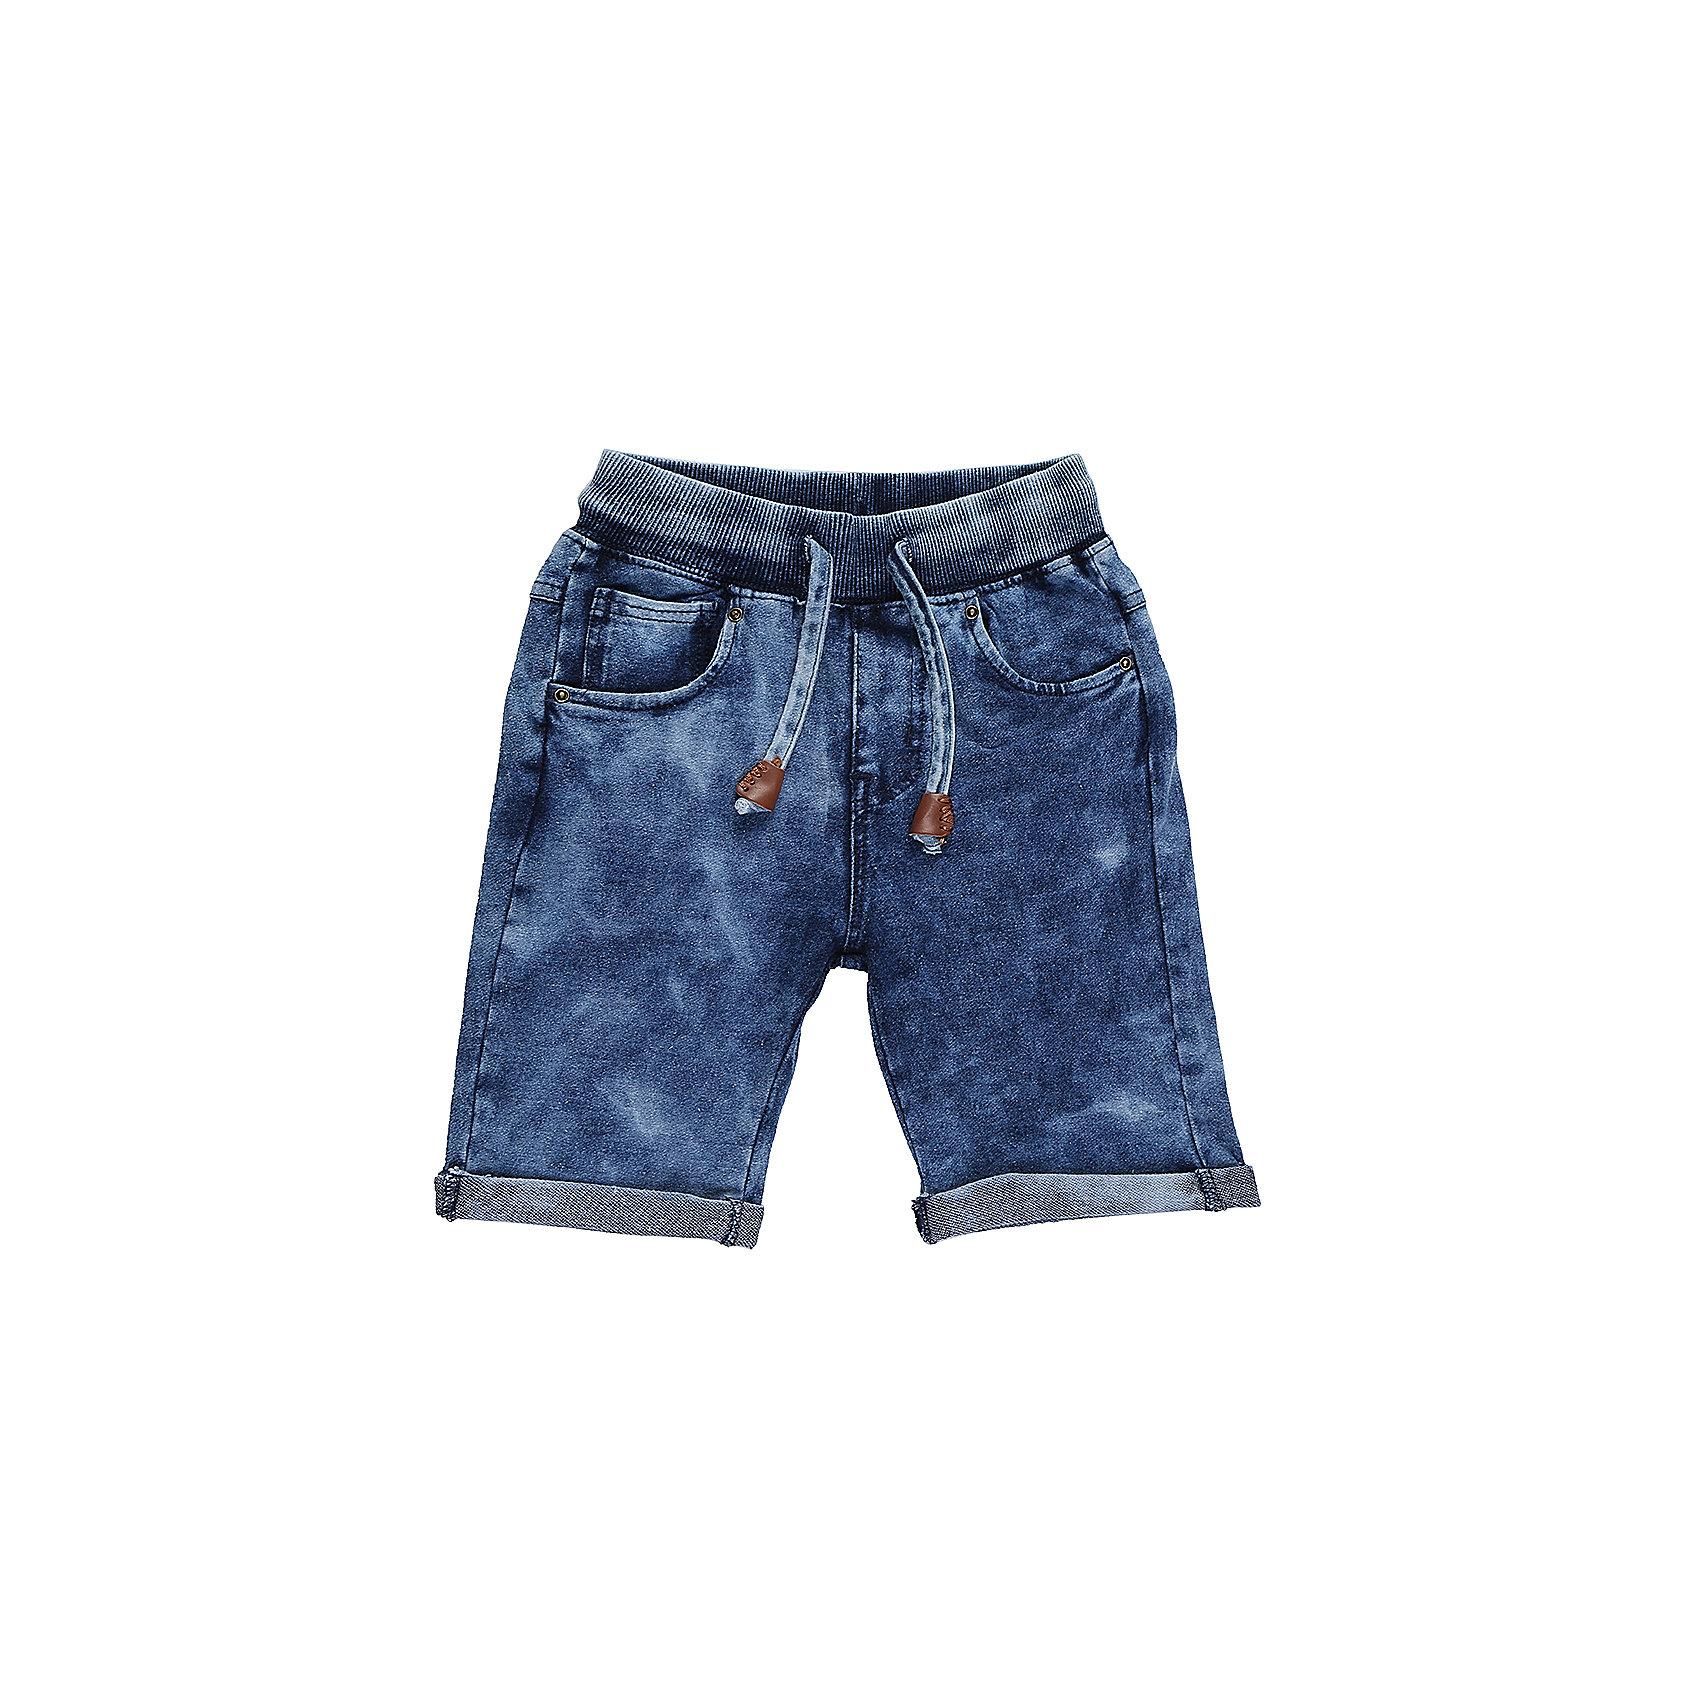 Шорты для мальчика Sweet BerryМягкие, трикотажные шорты с отворотом для мальчика. Спереди два прорезных кармана. Пояс-резинка дополнен шнуром для регулирования объема.<br>Состав:<br>95%хлопок 5%эластан<br><br>Ширина мм: 191<br>Глубина мм: 10<br>Высота мм: 175<br>Вес г: 273<br>Цвет: синий<br>Возраст от месяцев: 36<br>Возраст до месяцев: 48<br>Пол: Мужской<br>Возраст: Детский<br>Размер: 104,98,110,116,122,128<br>SKU: 5410491